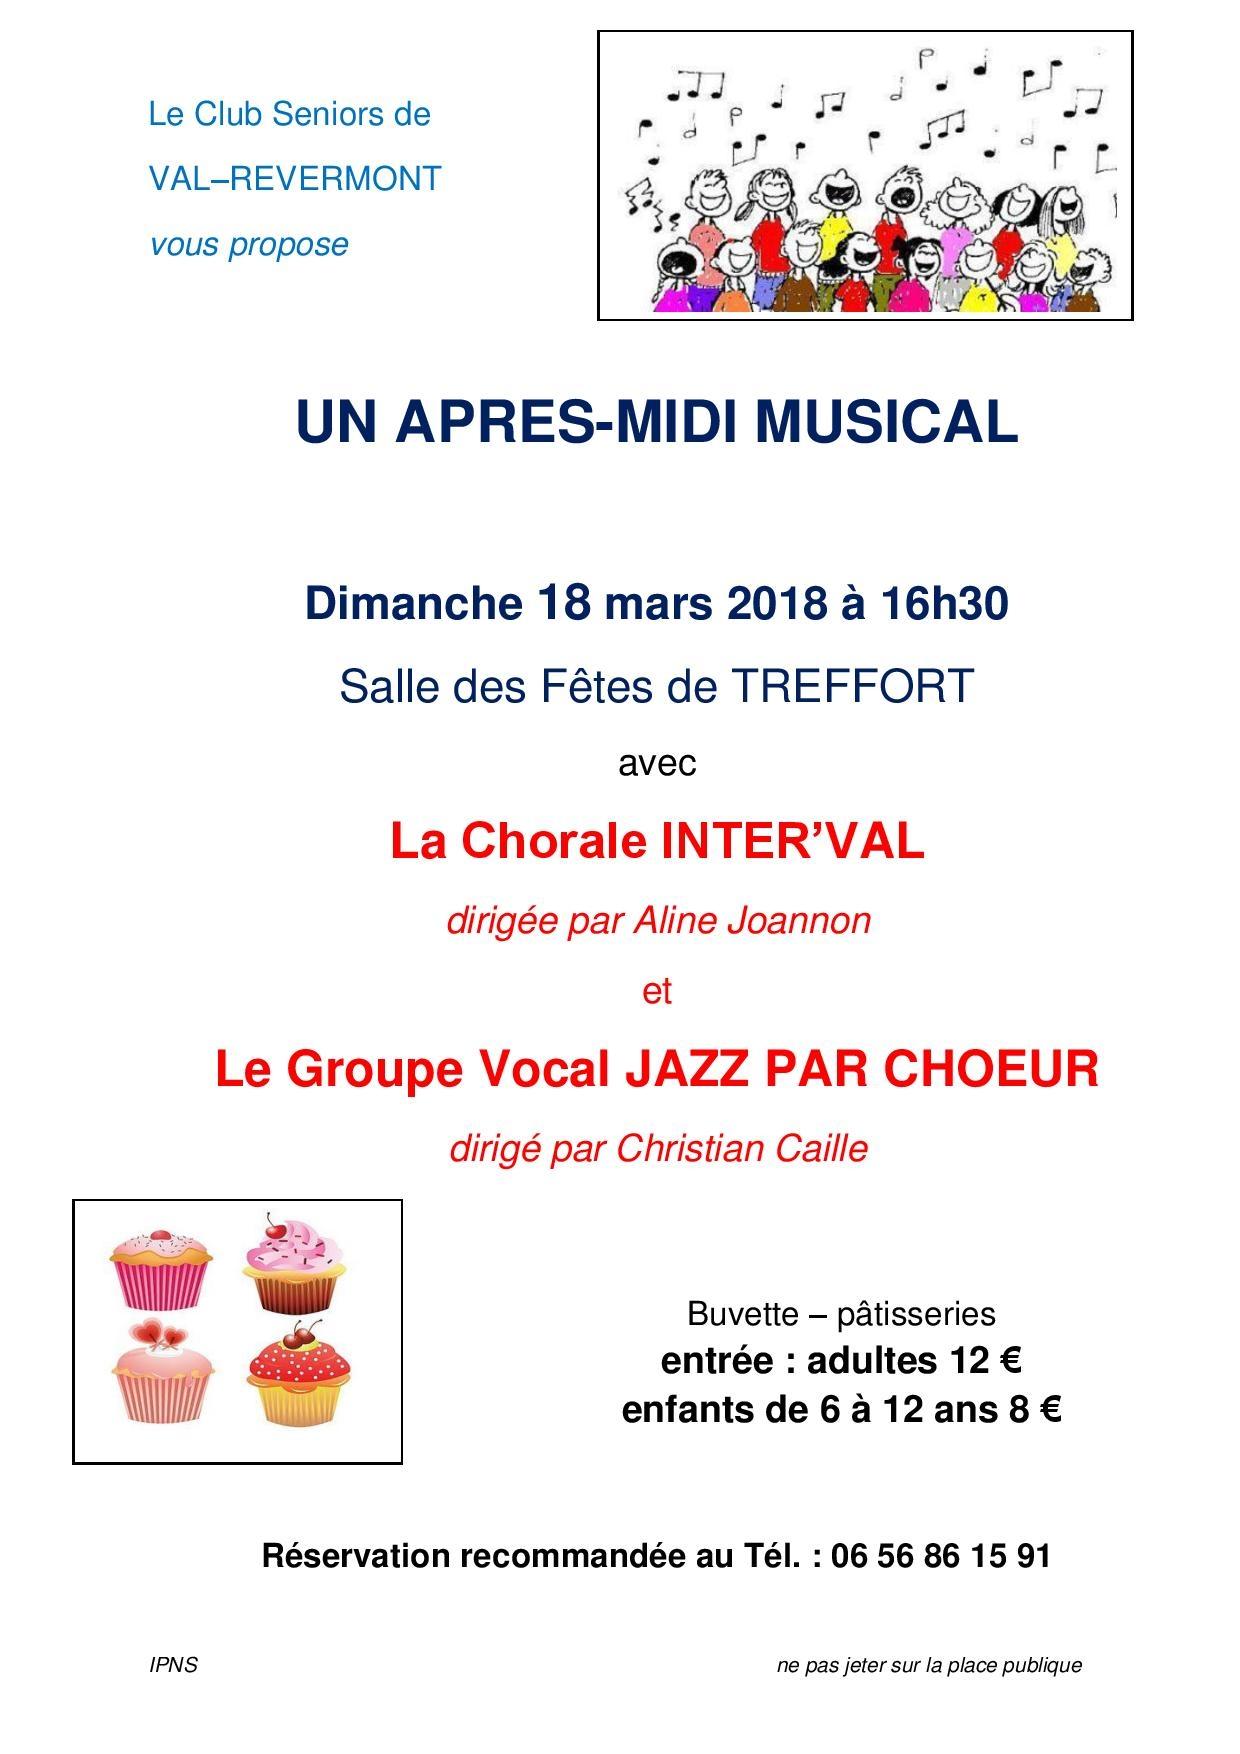 18 mars 2018 Val Revermont